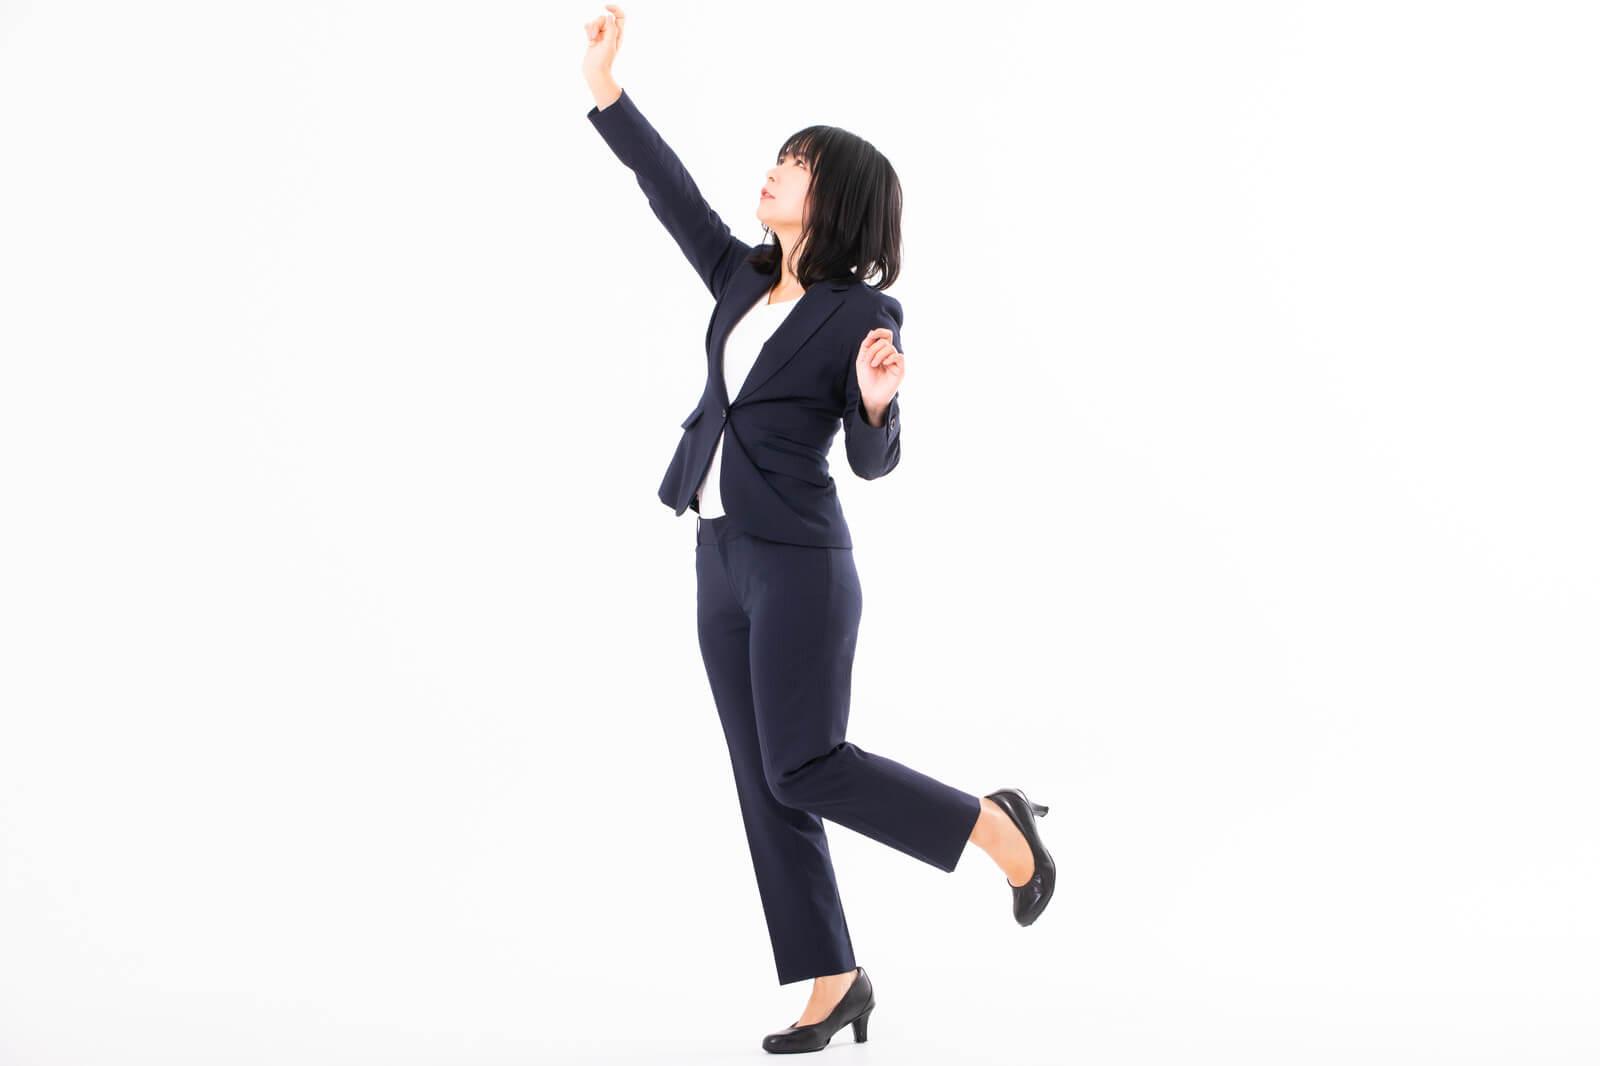 上に手を伸ばす女性